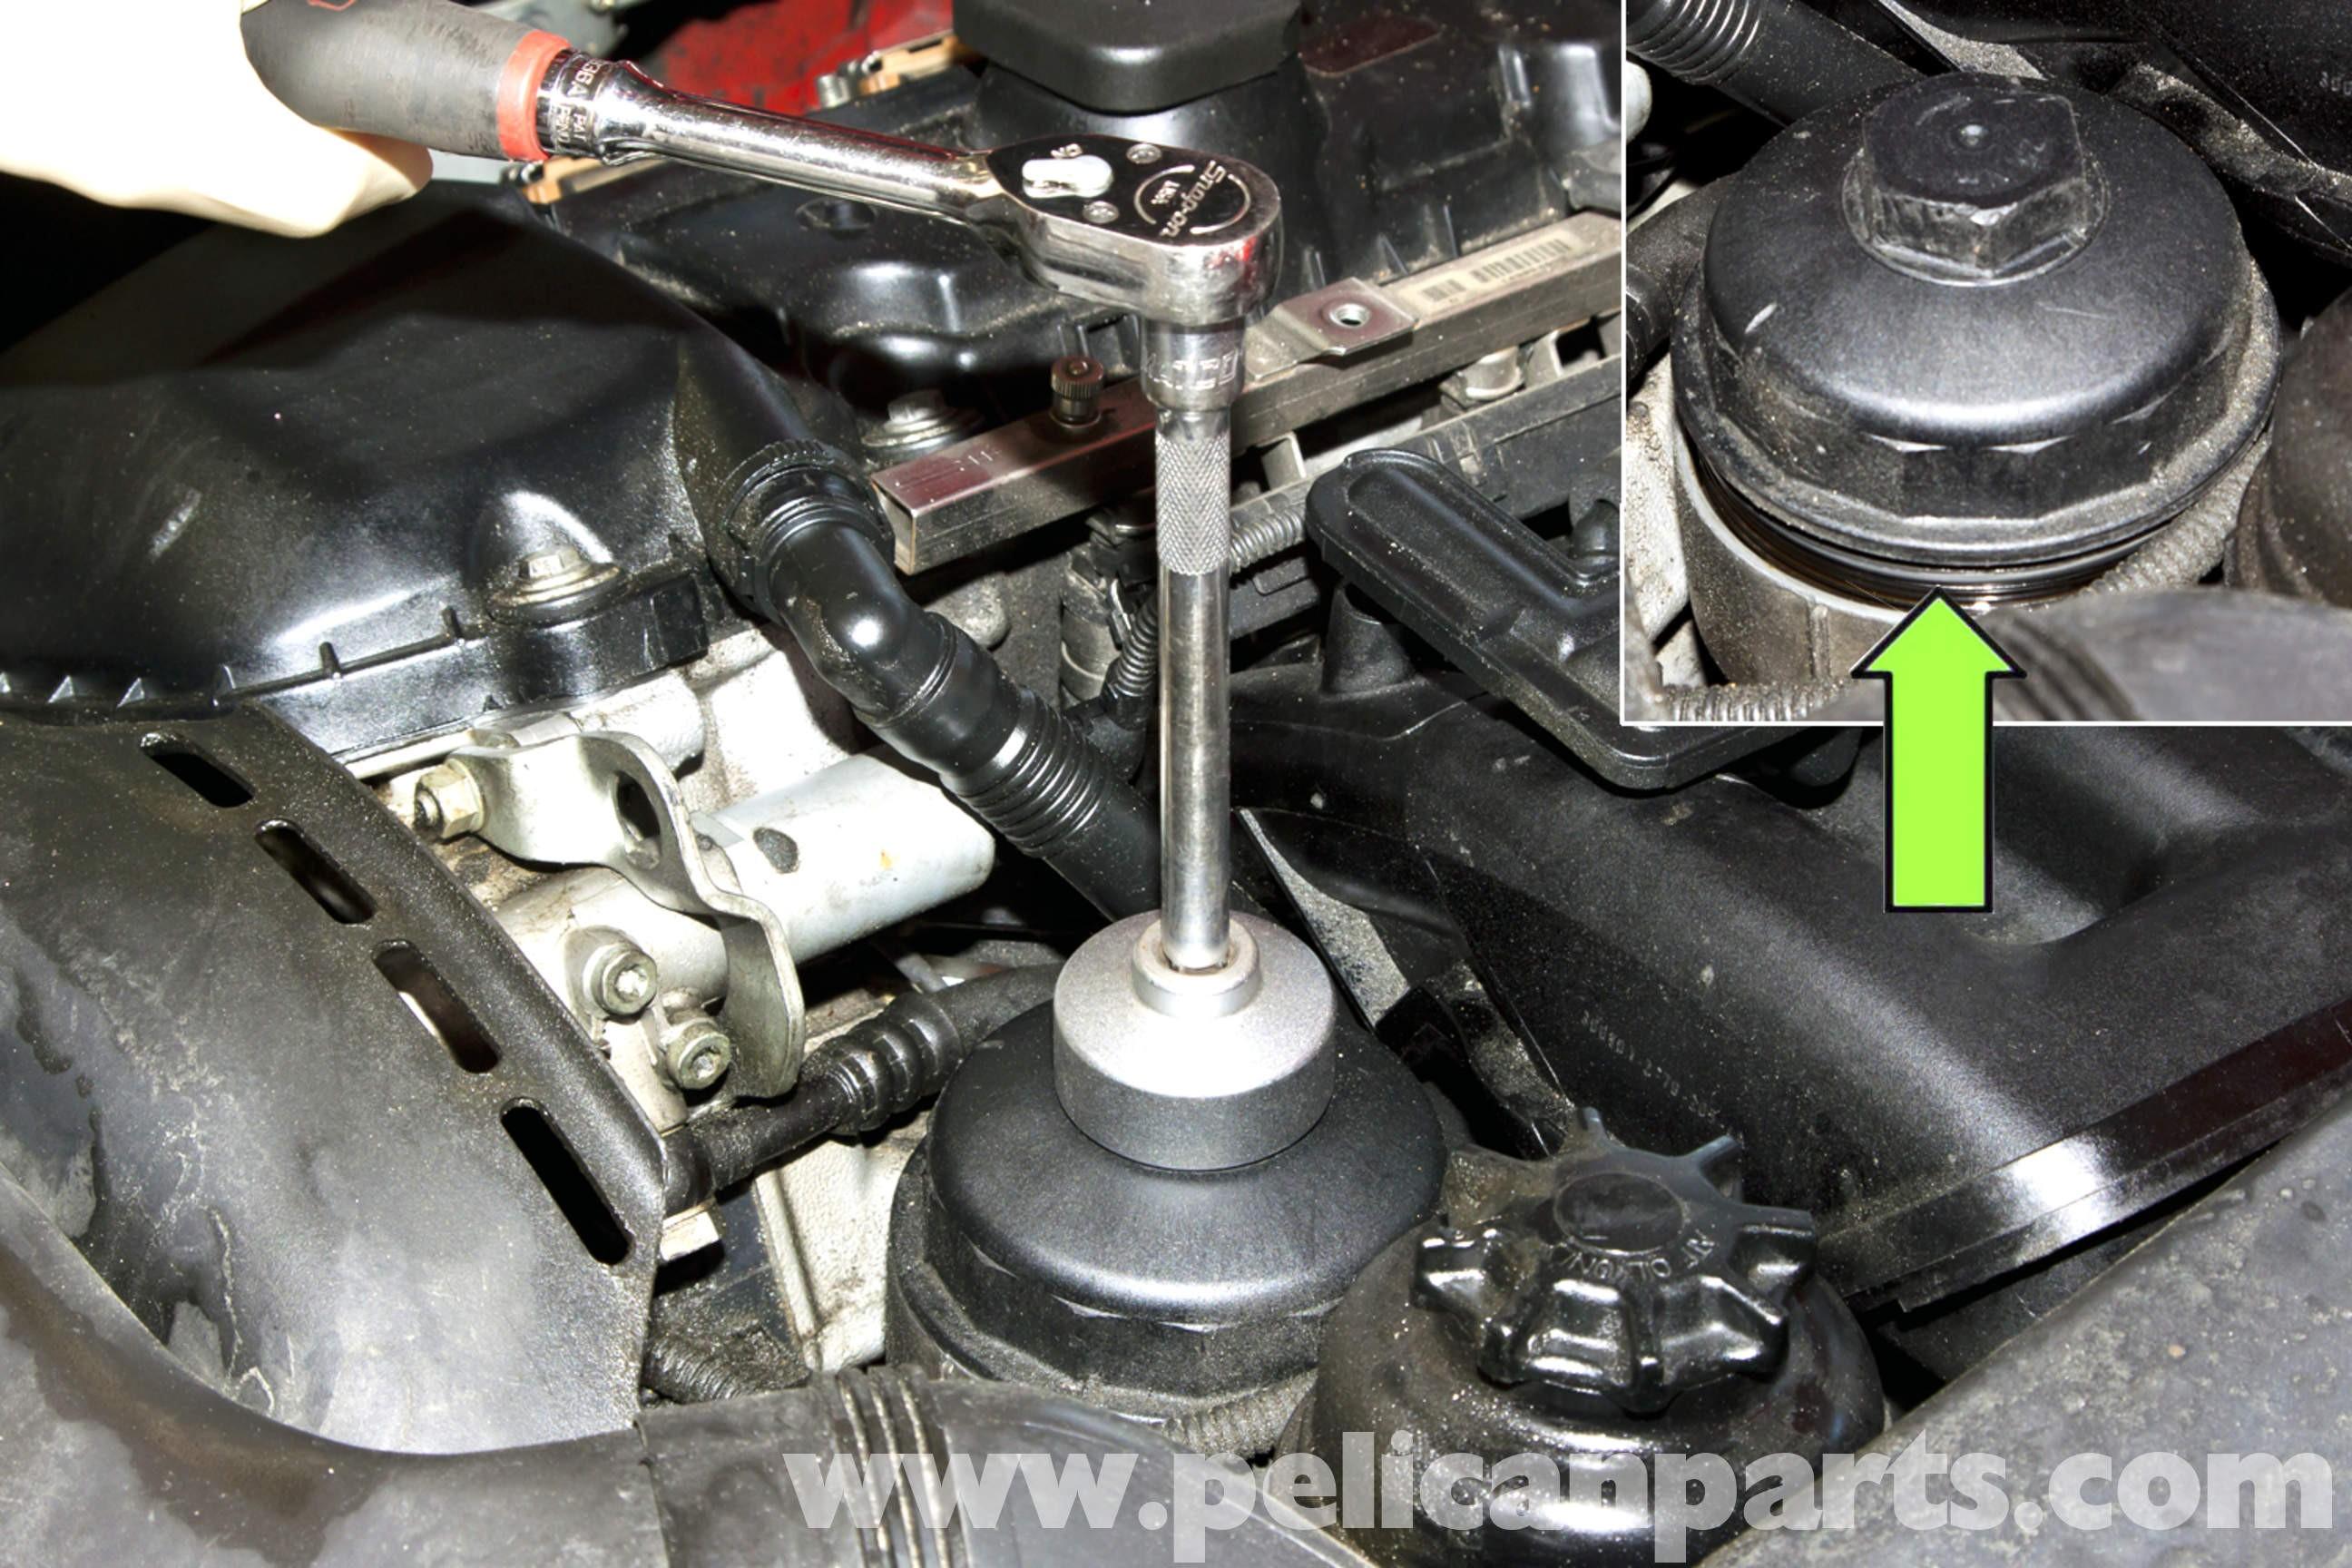 2006 Bmw 530i Engine Diagram Bmw X5 Oil Change E53 2000 2006 Of 2006 Bmw 530i Engine Diagram